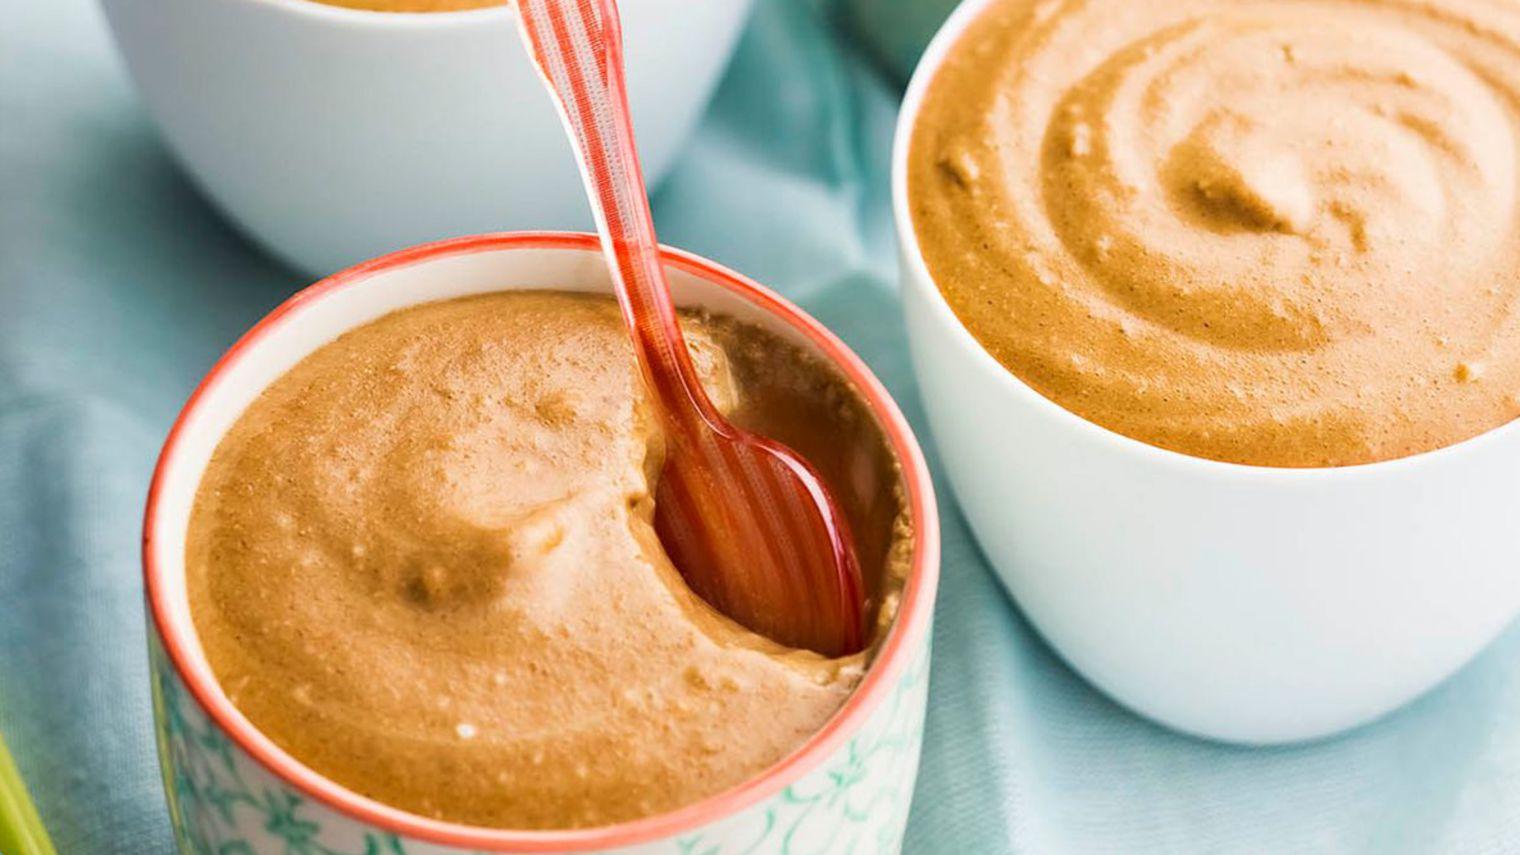 mousse-au-chocolat-carambar_4911745